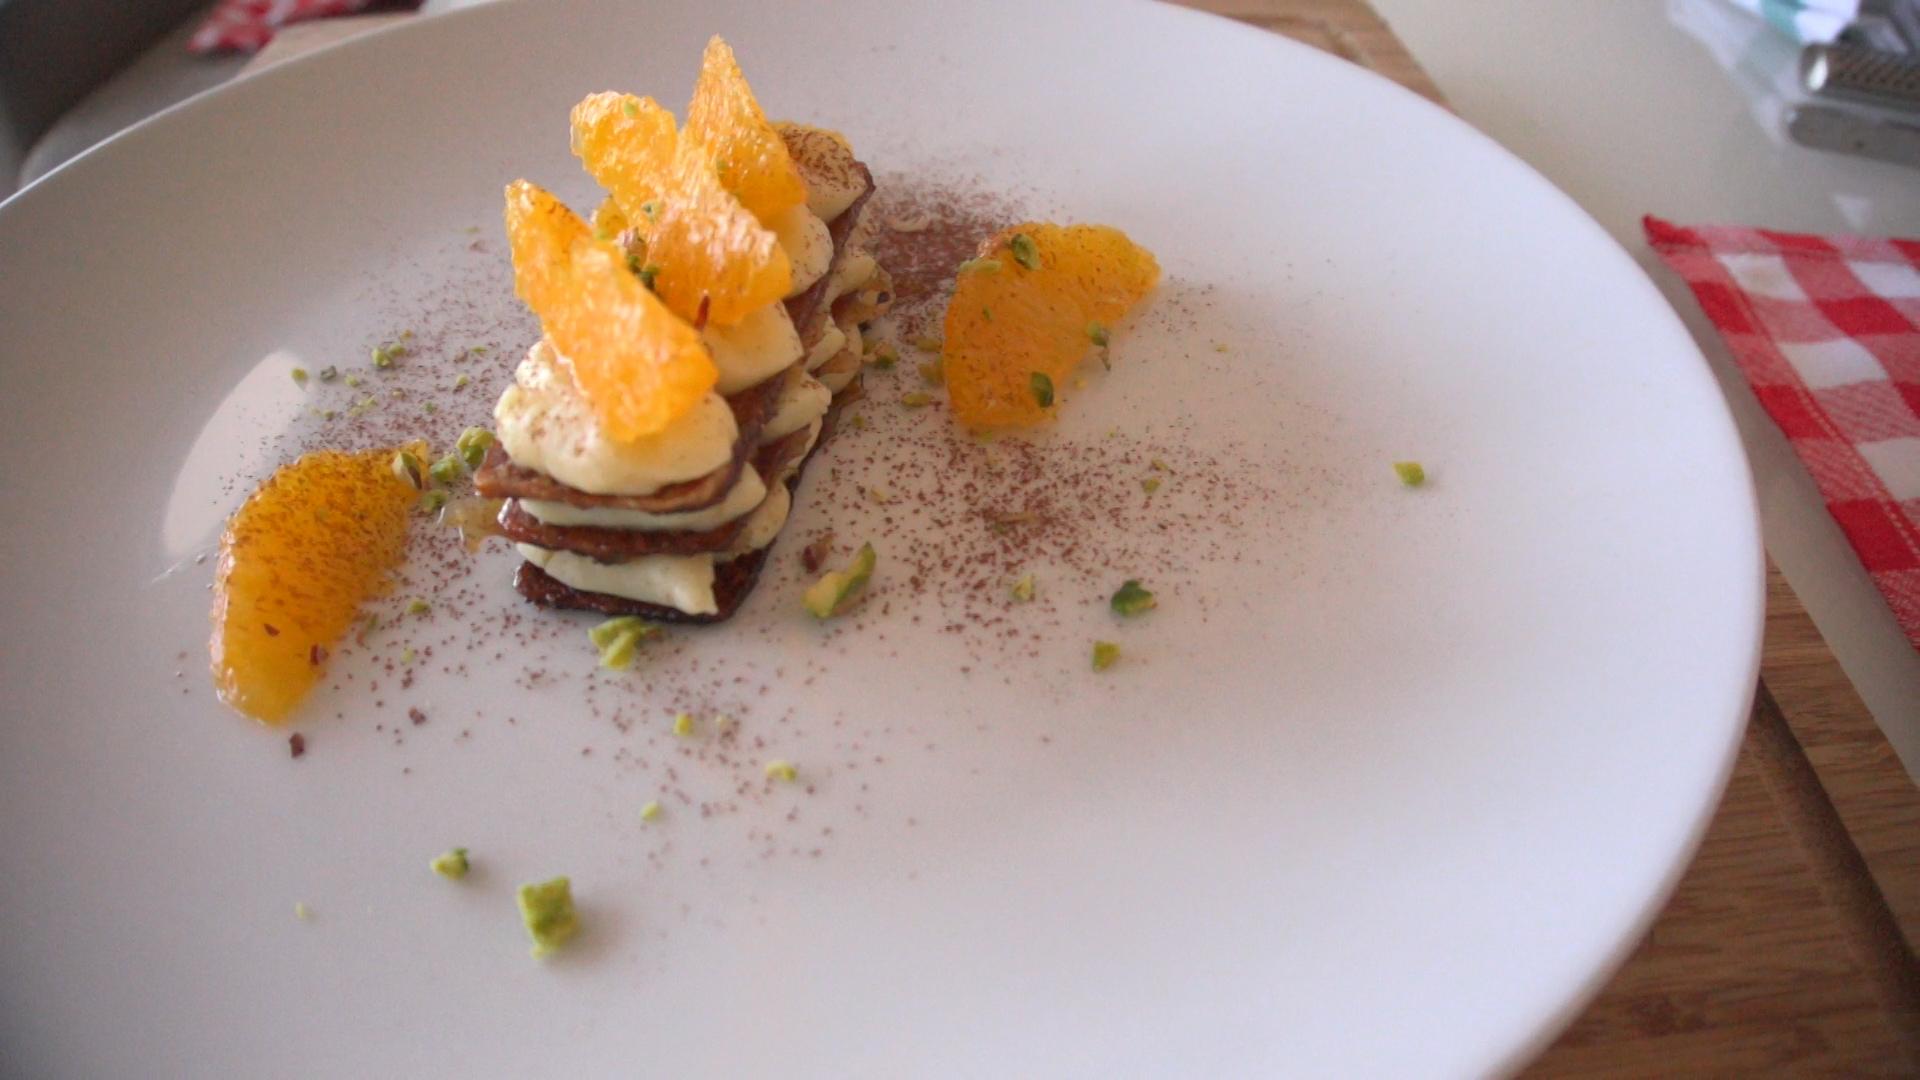 Receta: Milhojas Caramelizado con Crema de Vainilla y Naranja